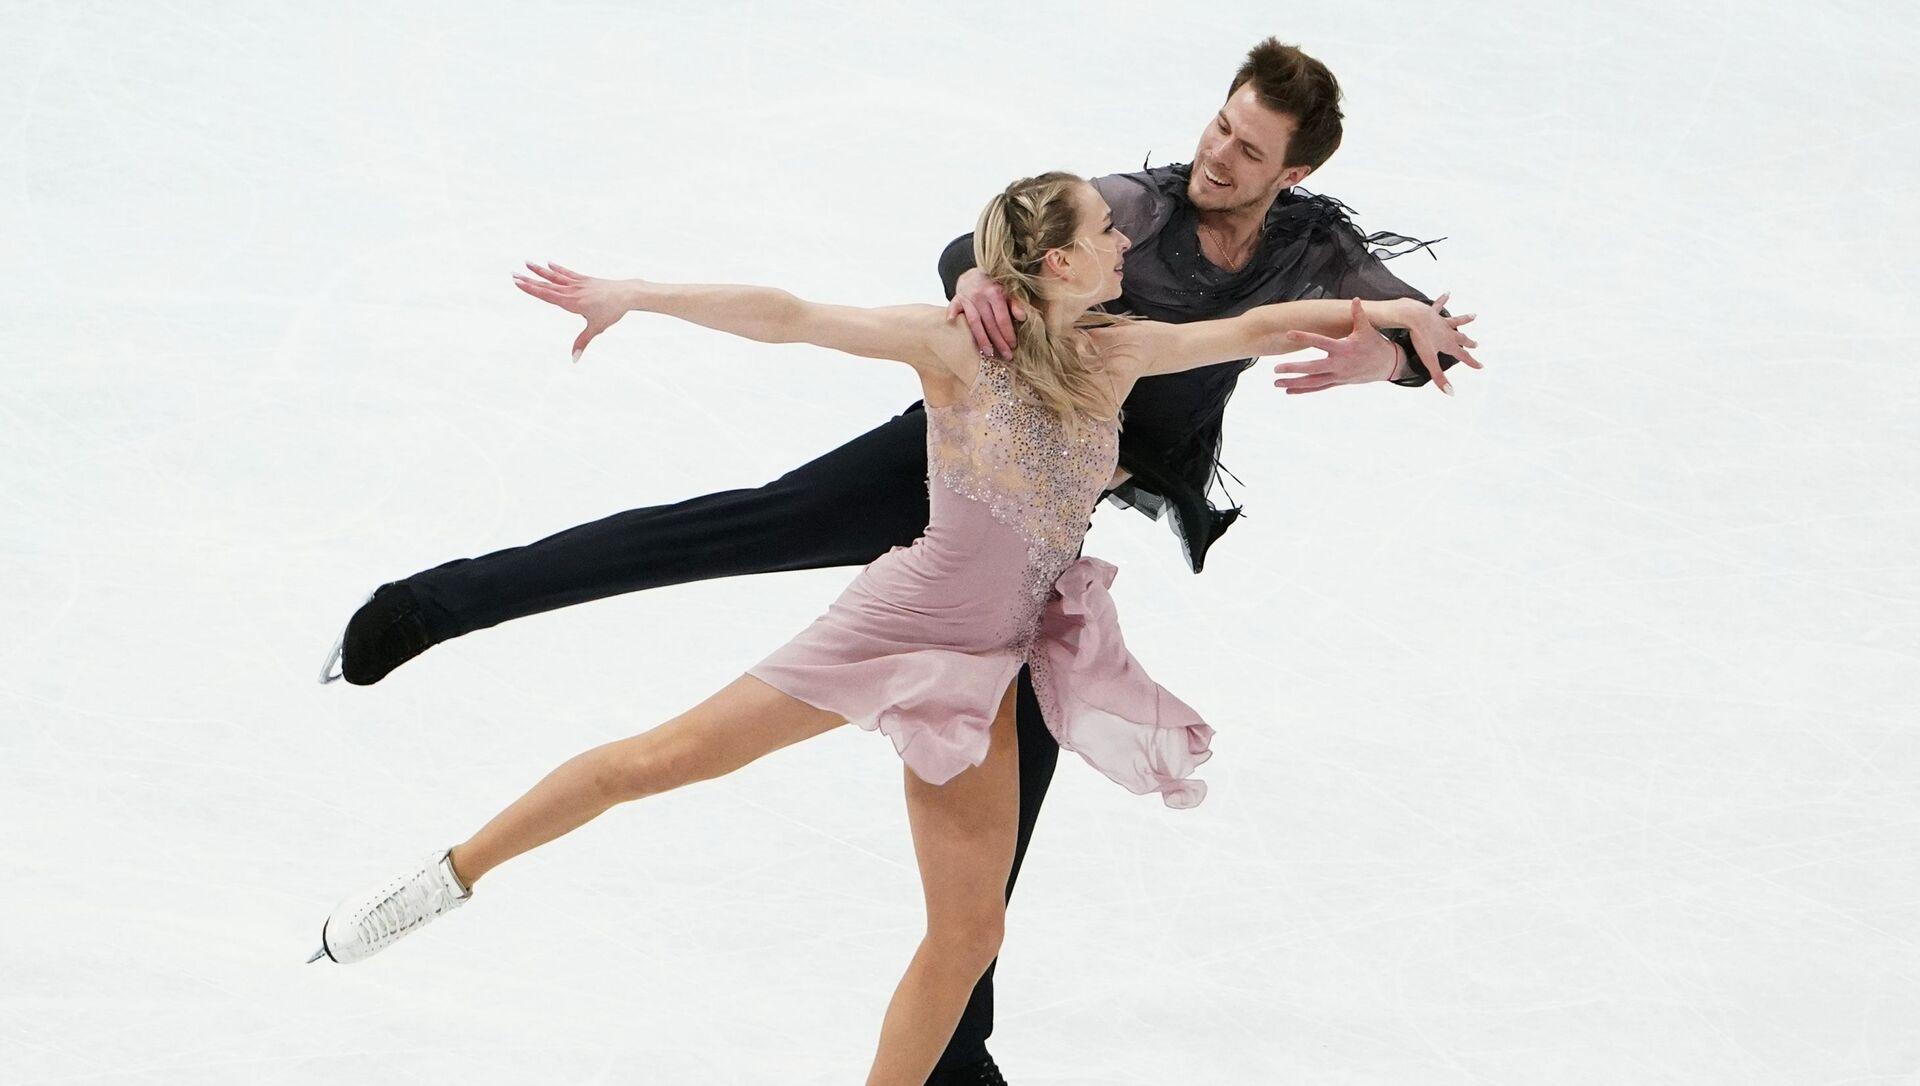 Pattinaggio artistico, danzatori russi Sinitsina-Katsalapov vincono l'oro ai campionati del mondo - Sputnik Italia, 1920, 27.03.2021